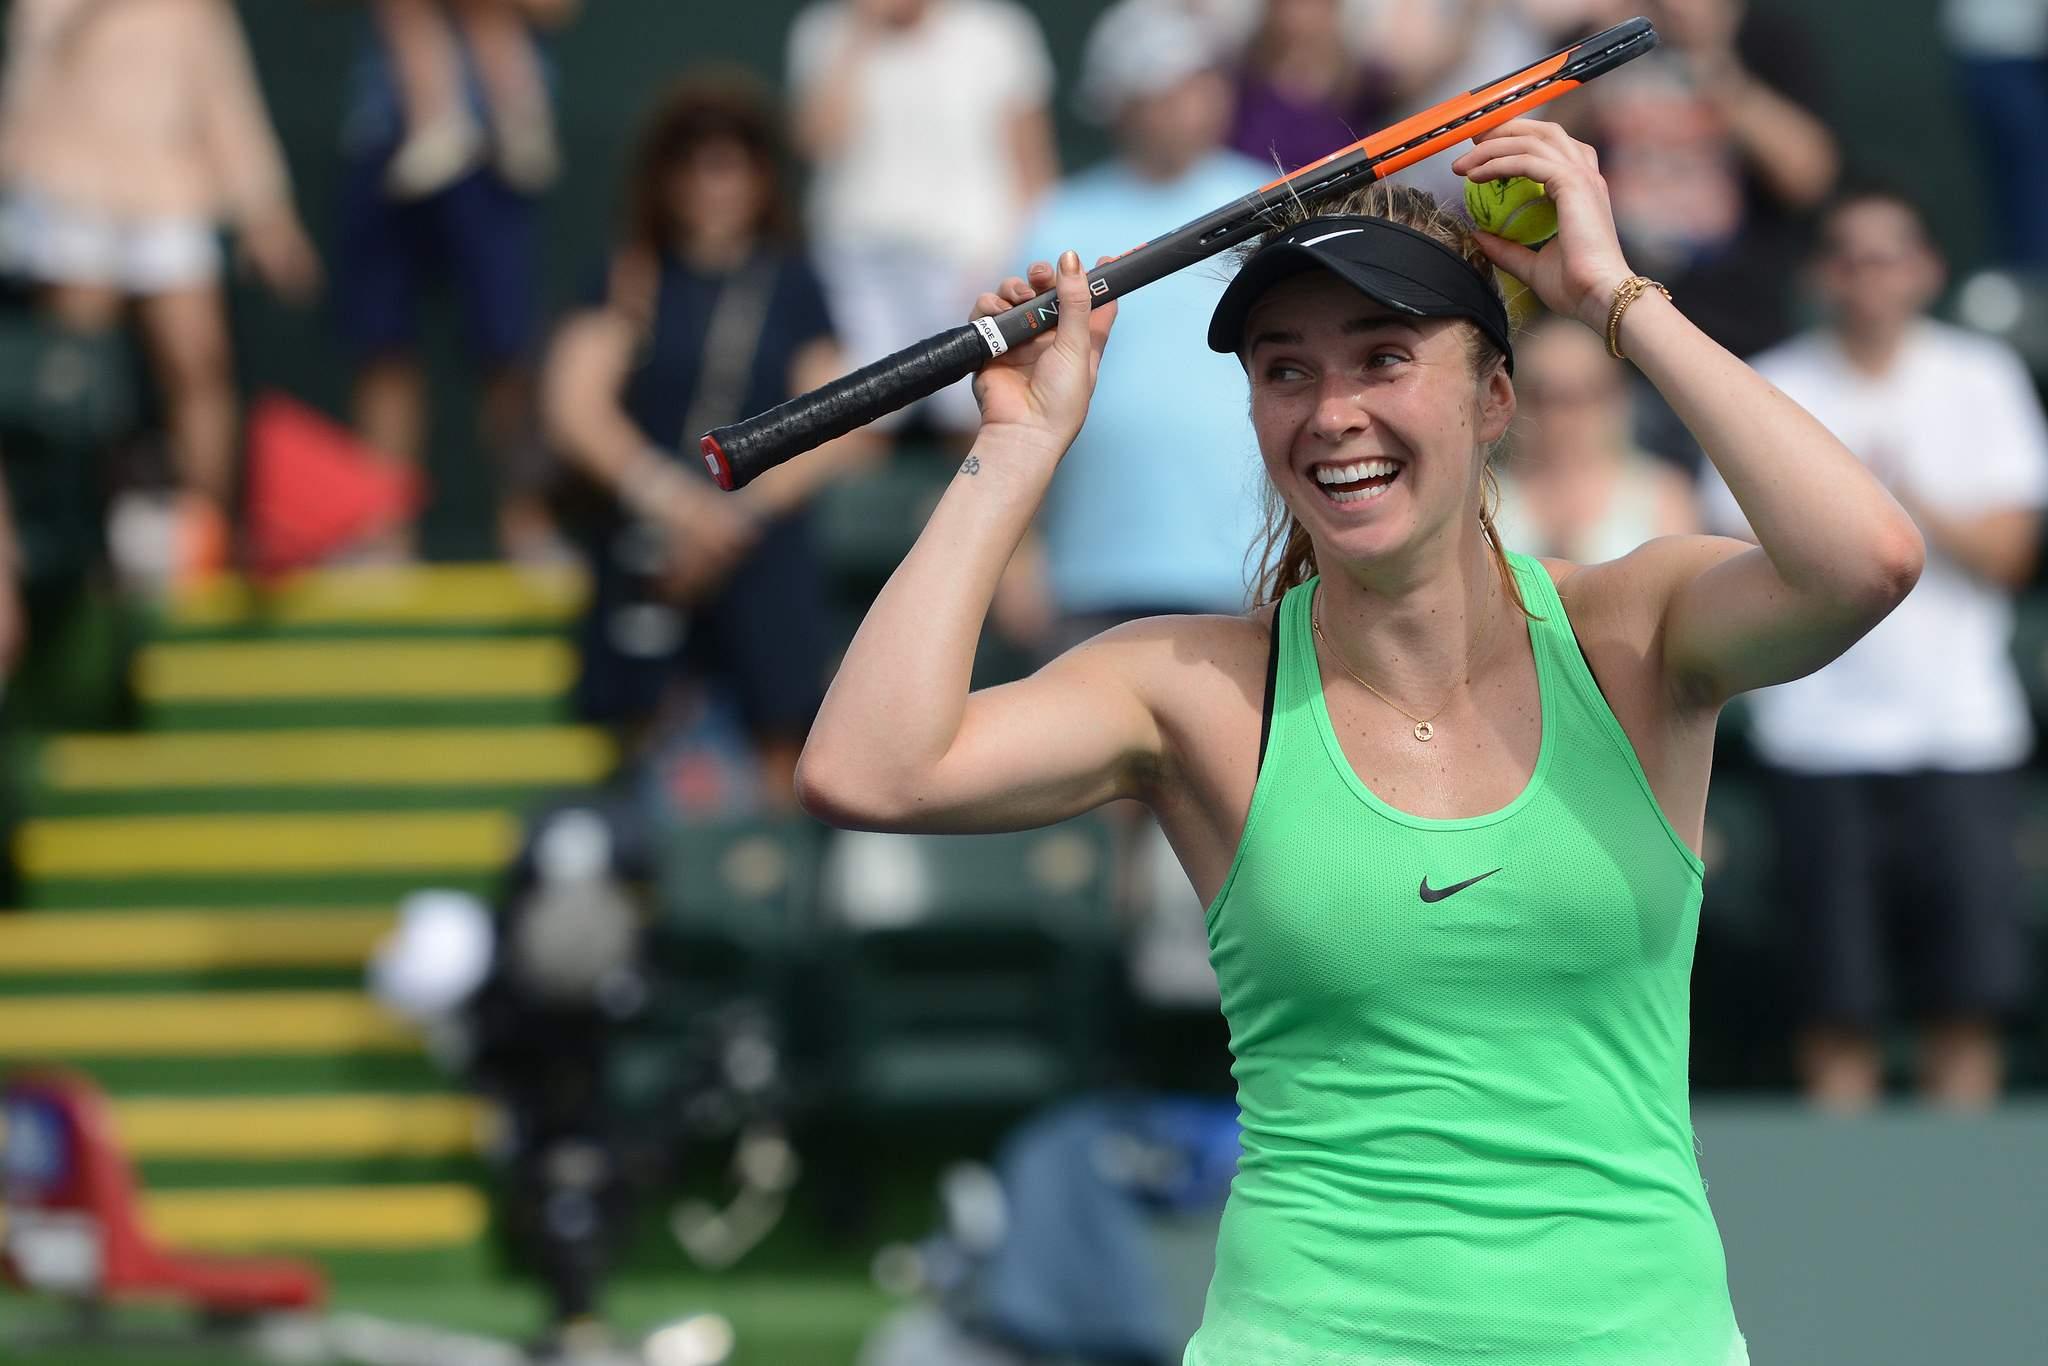 Украинка Свитолина стала лучшей теннисисткой мира кконцу зимы